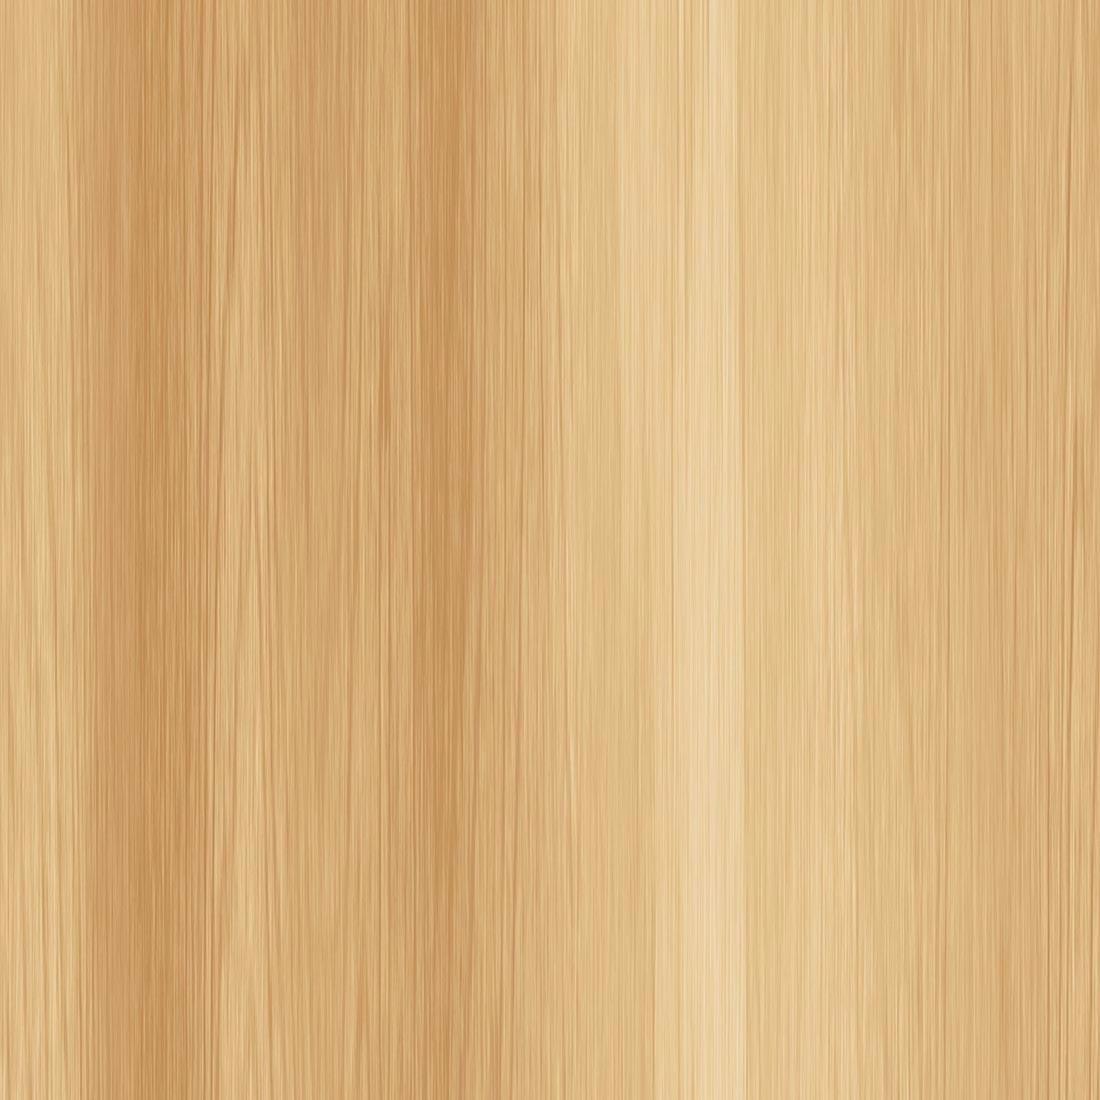 Papel de parede imita madeira auto adesivo r 47 00 em - Paredes de papel ...